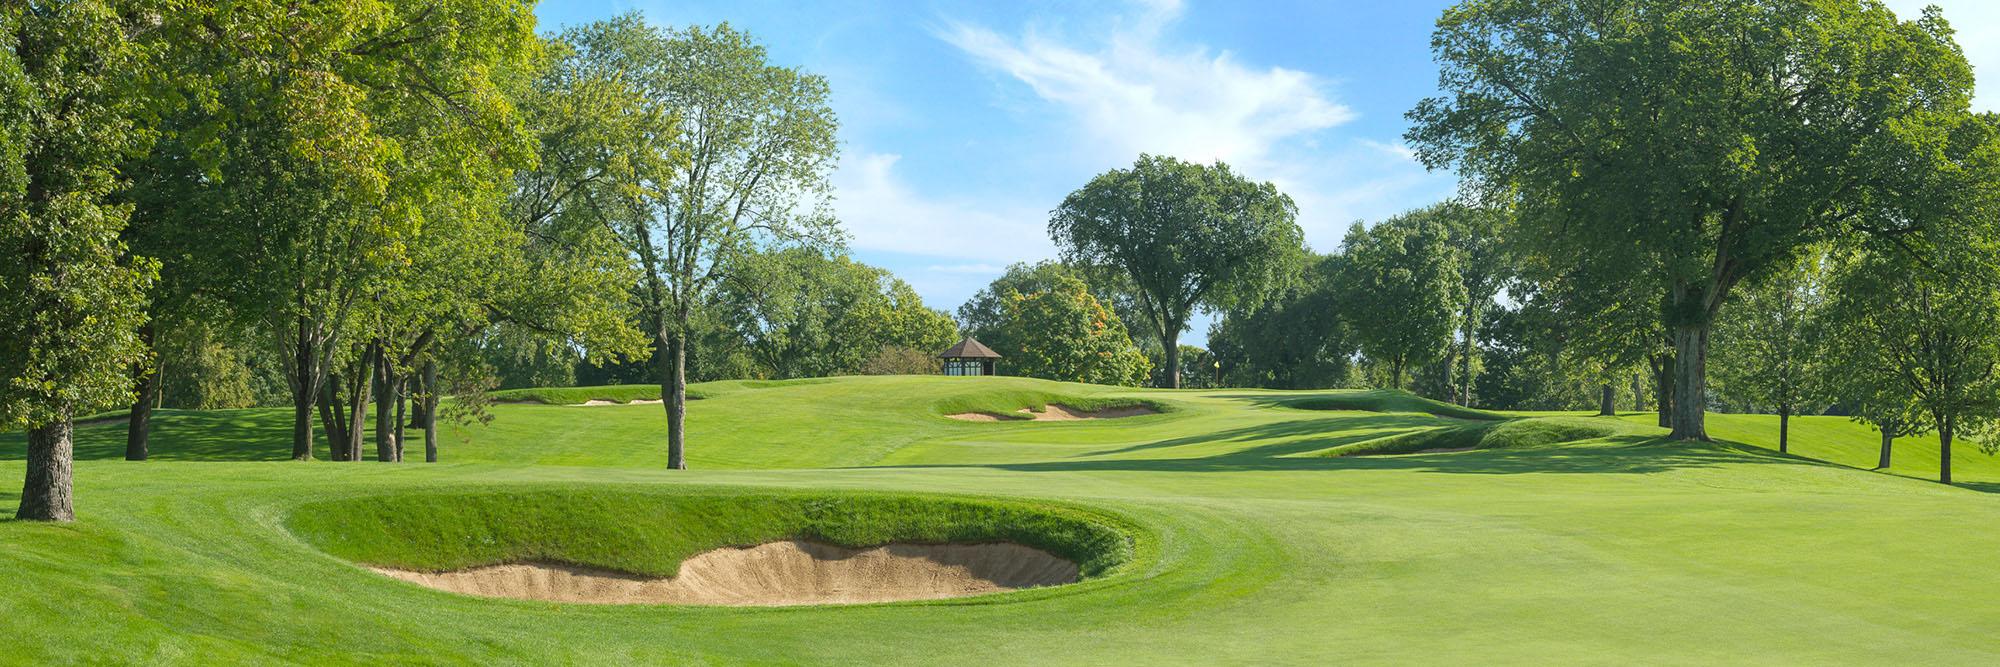 Golf Course Image - Interlachen No. 7